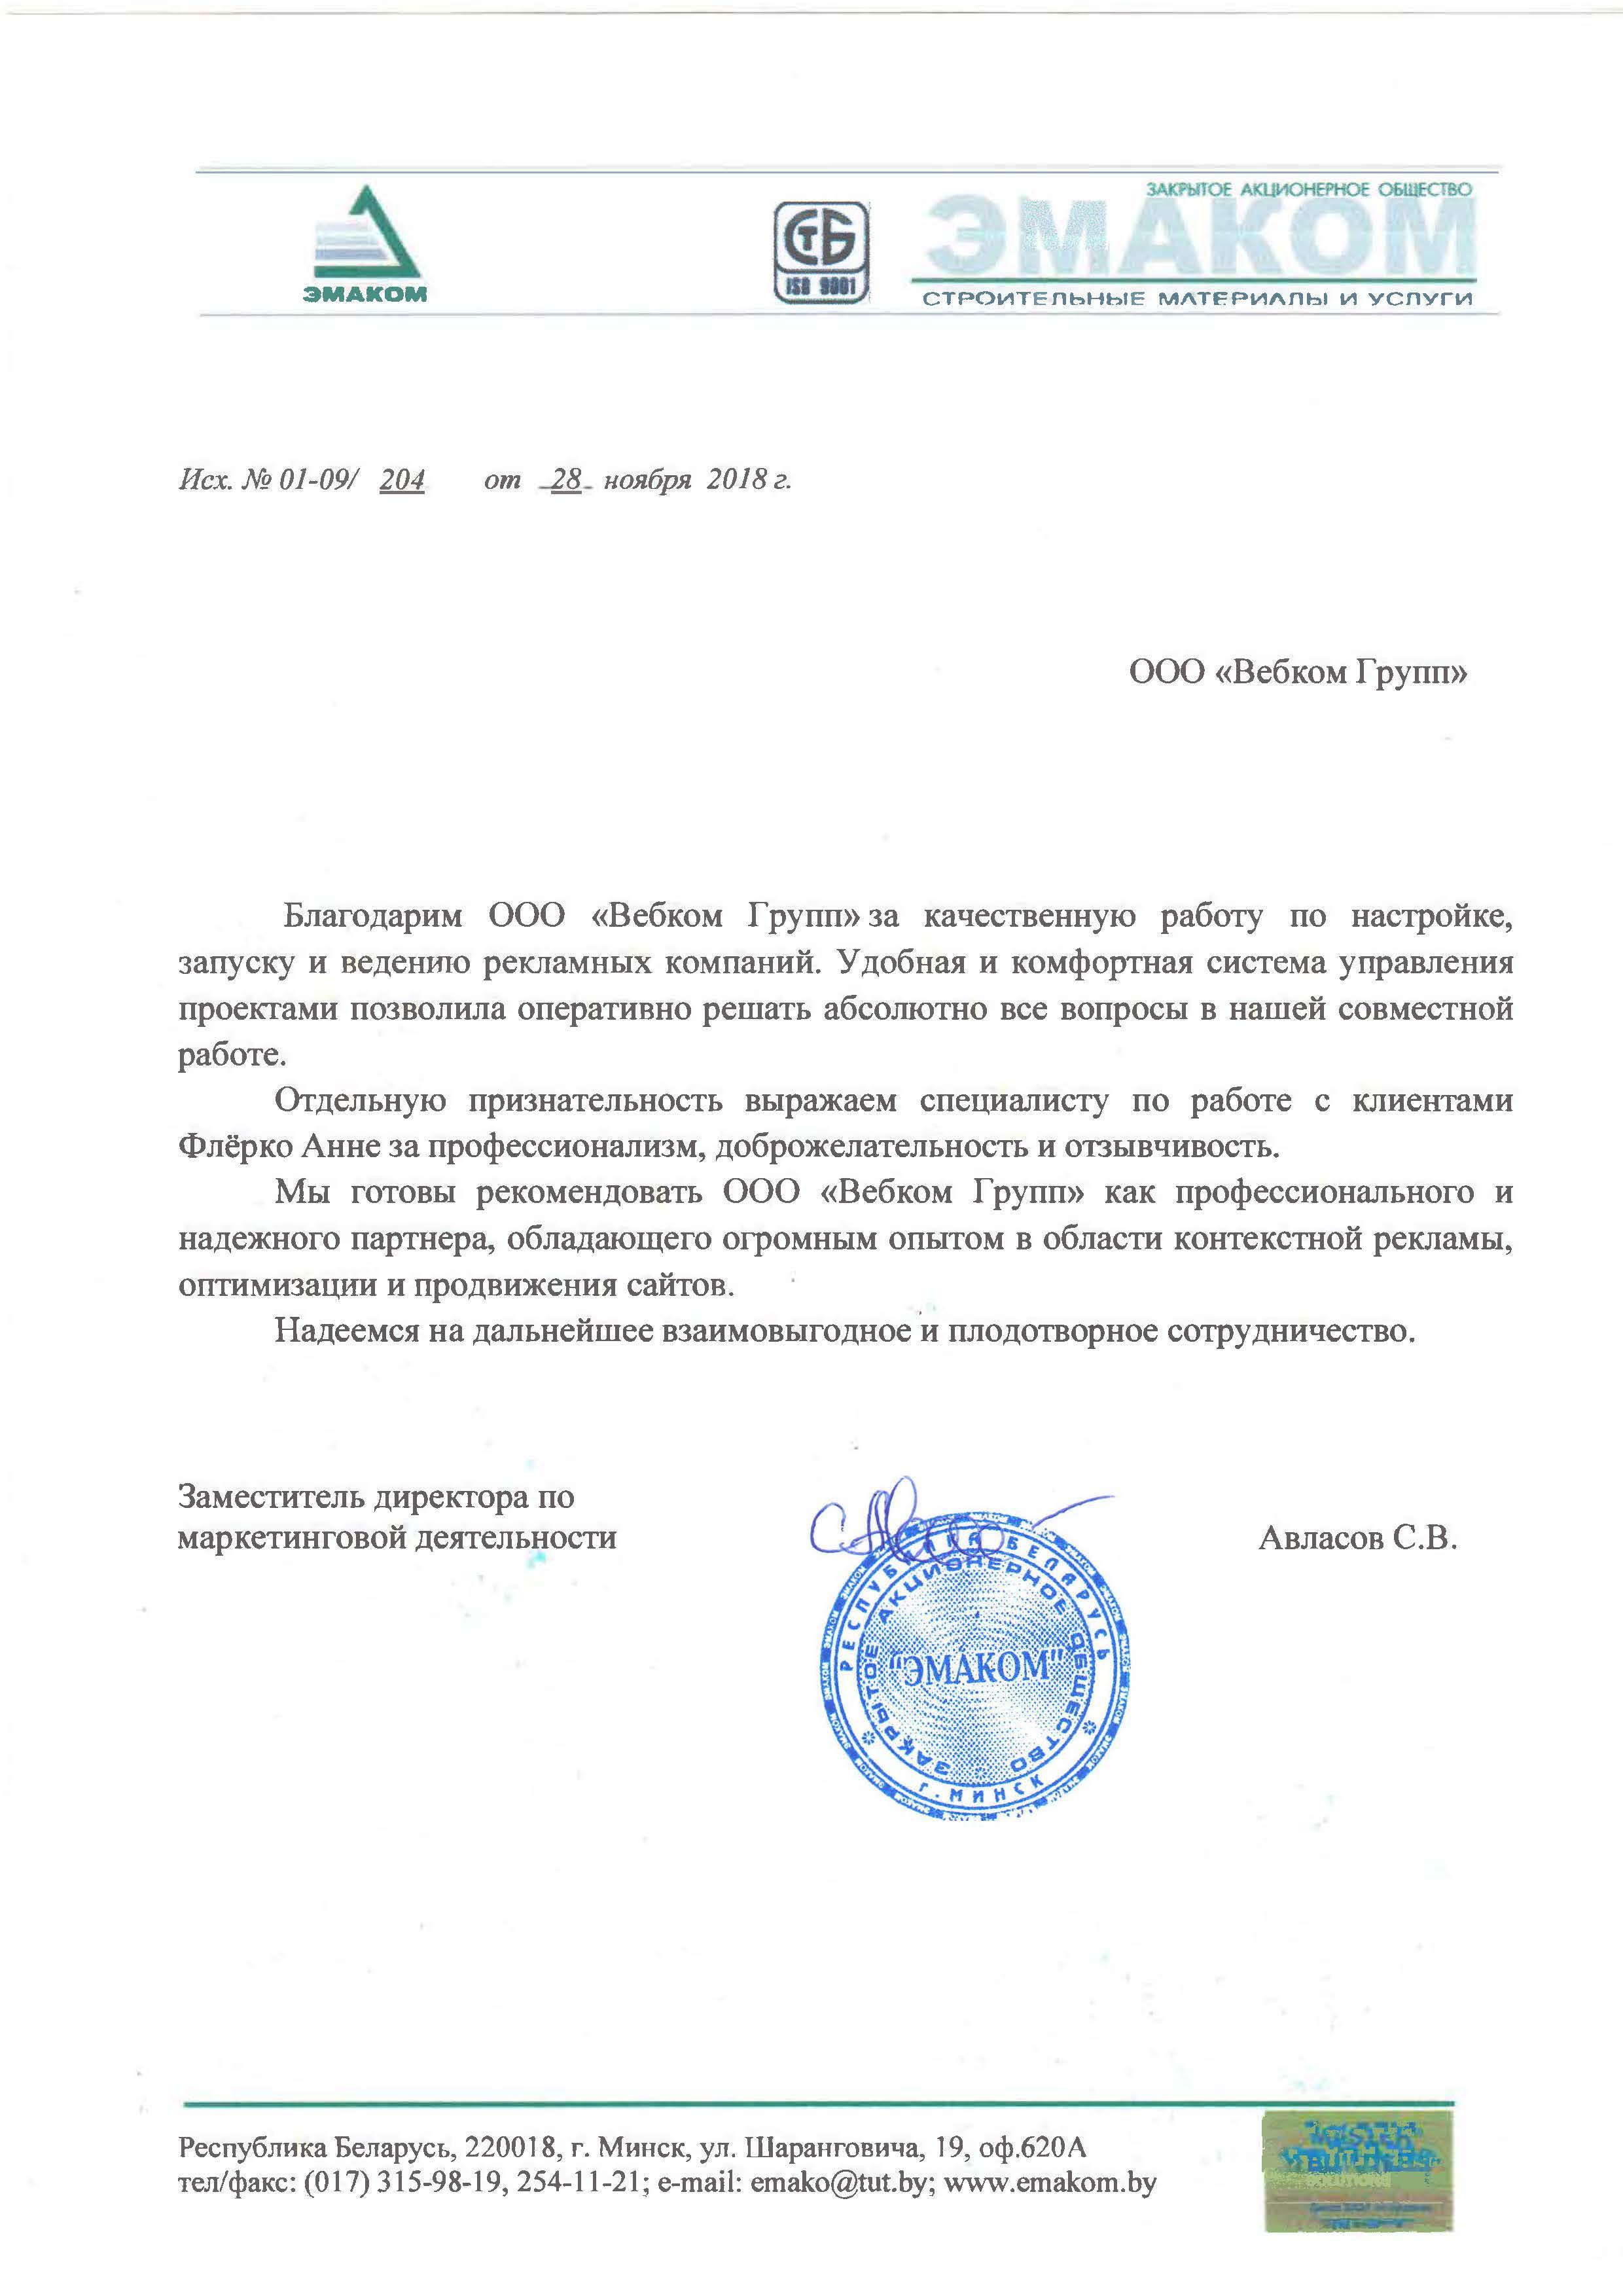 Заместитель директора по маркетинговой деятельности  ЗАО 'Эмаком'